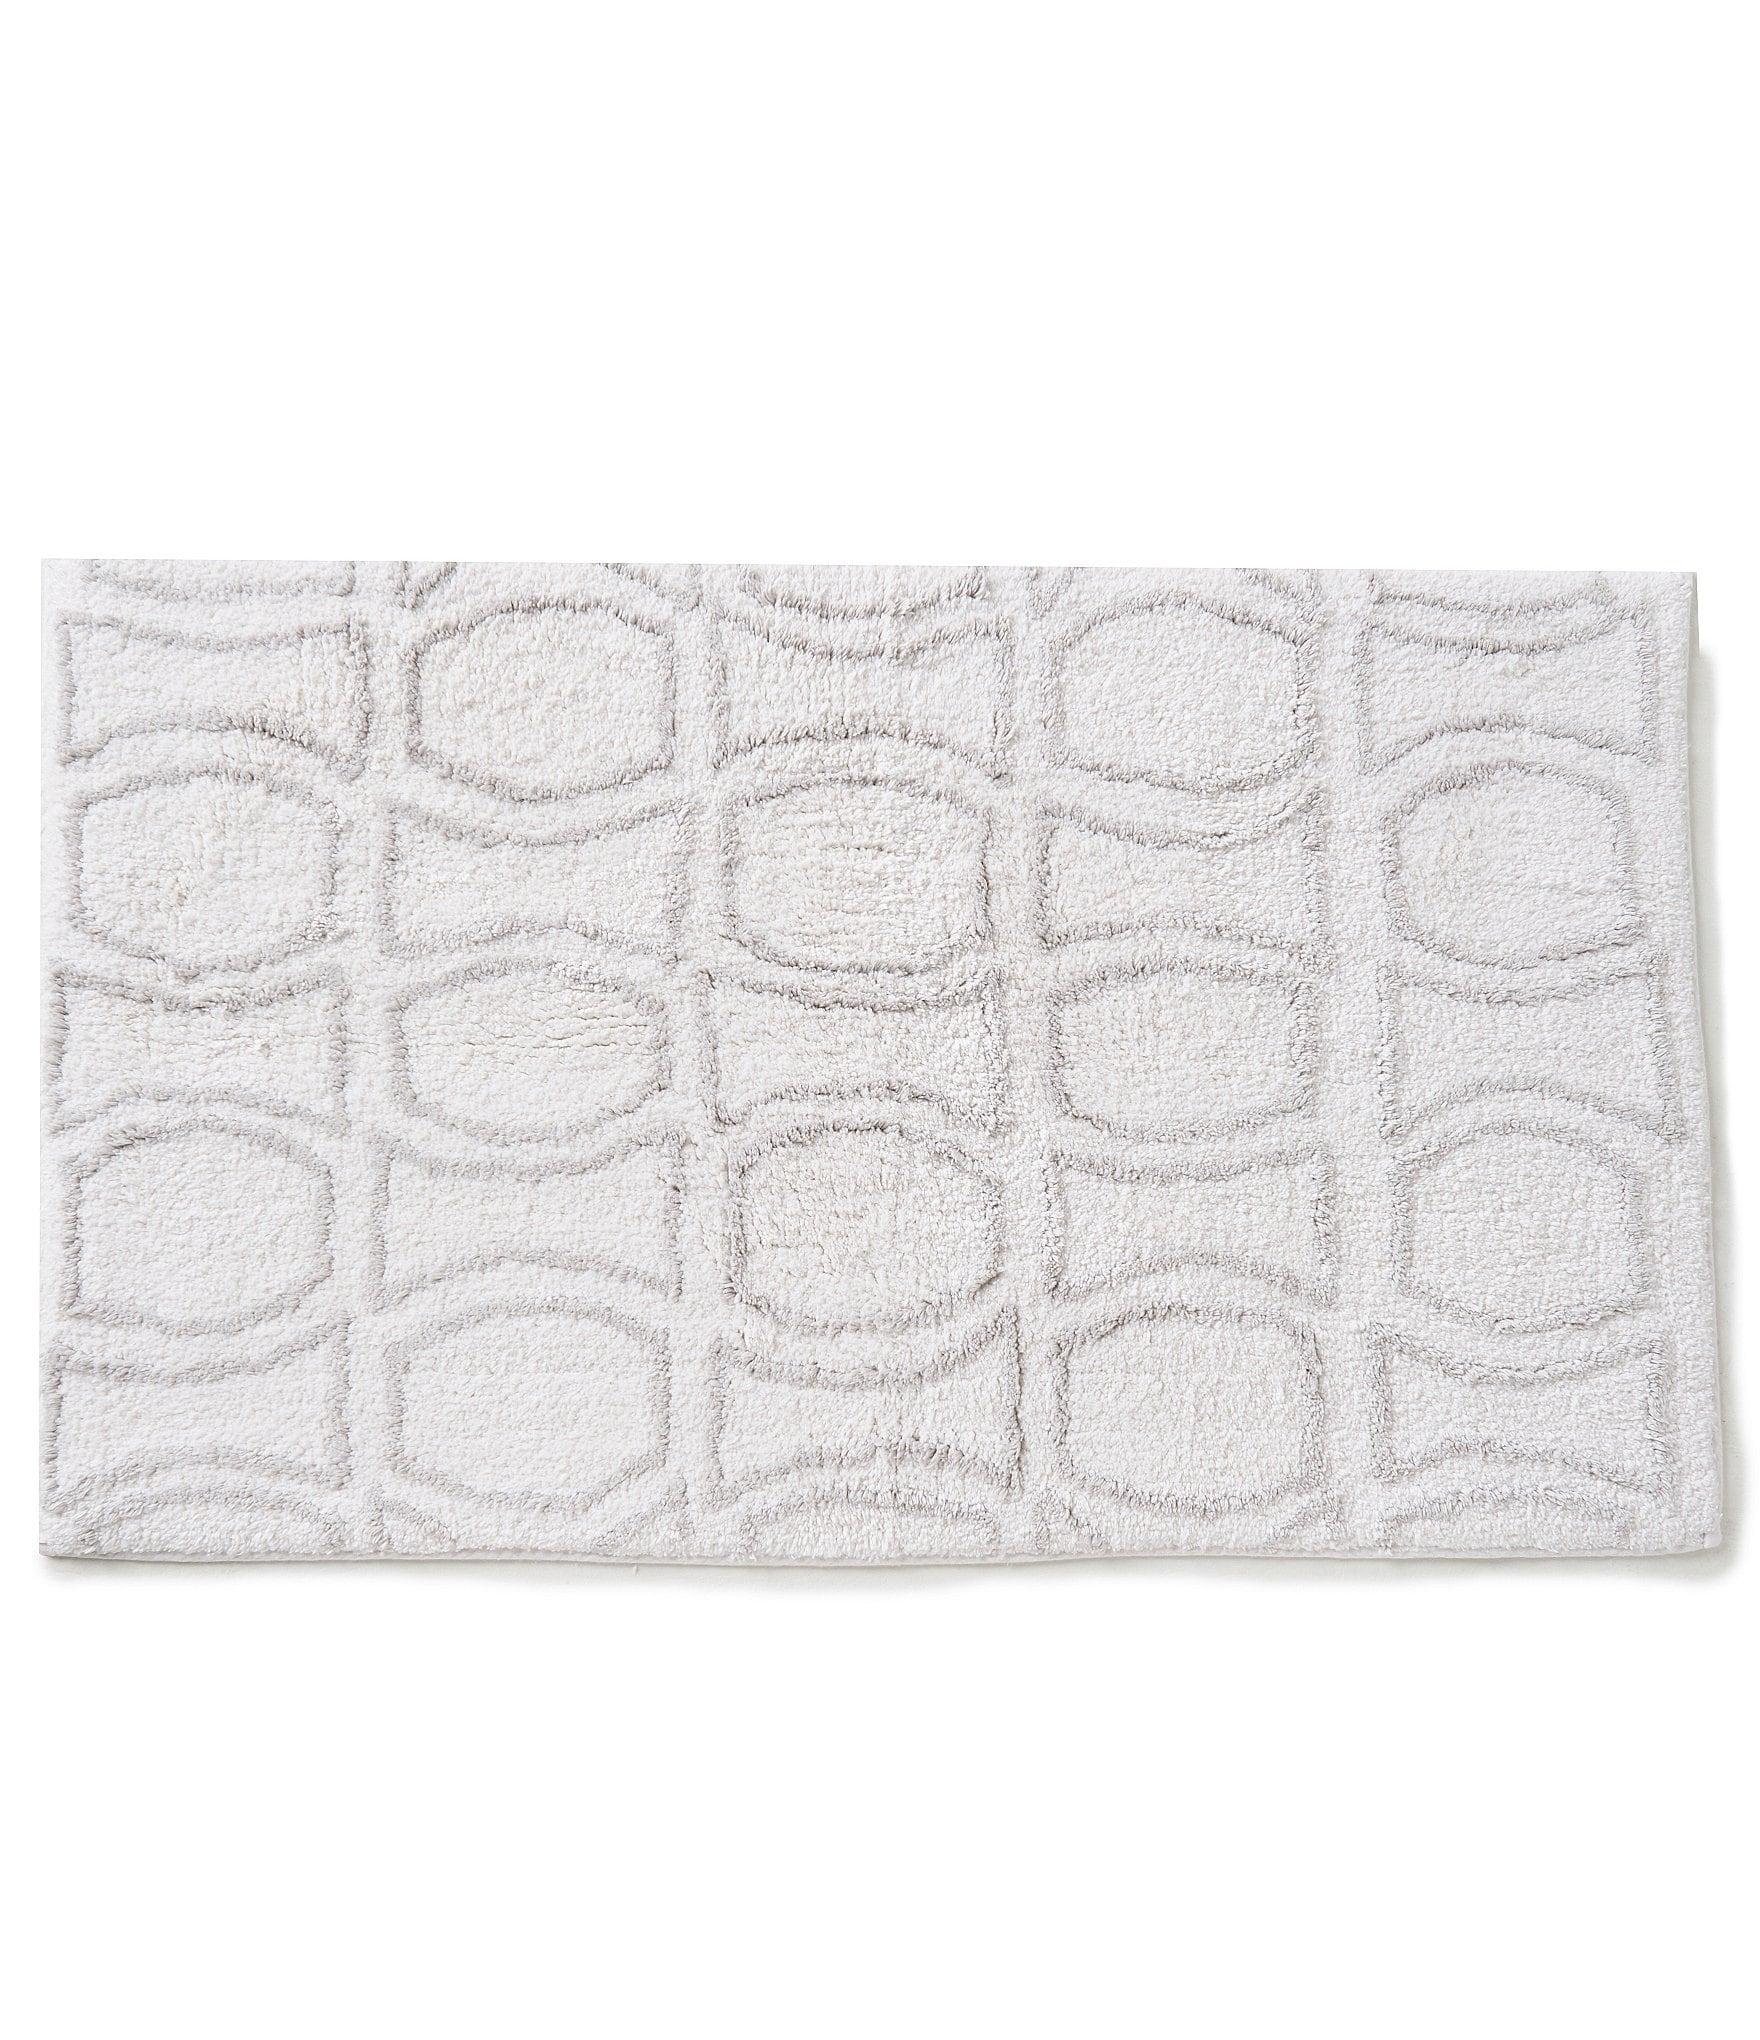 Kate Spade New York Bow Tile Bath Rug